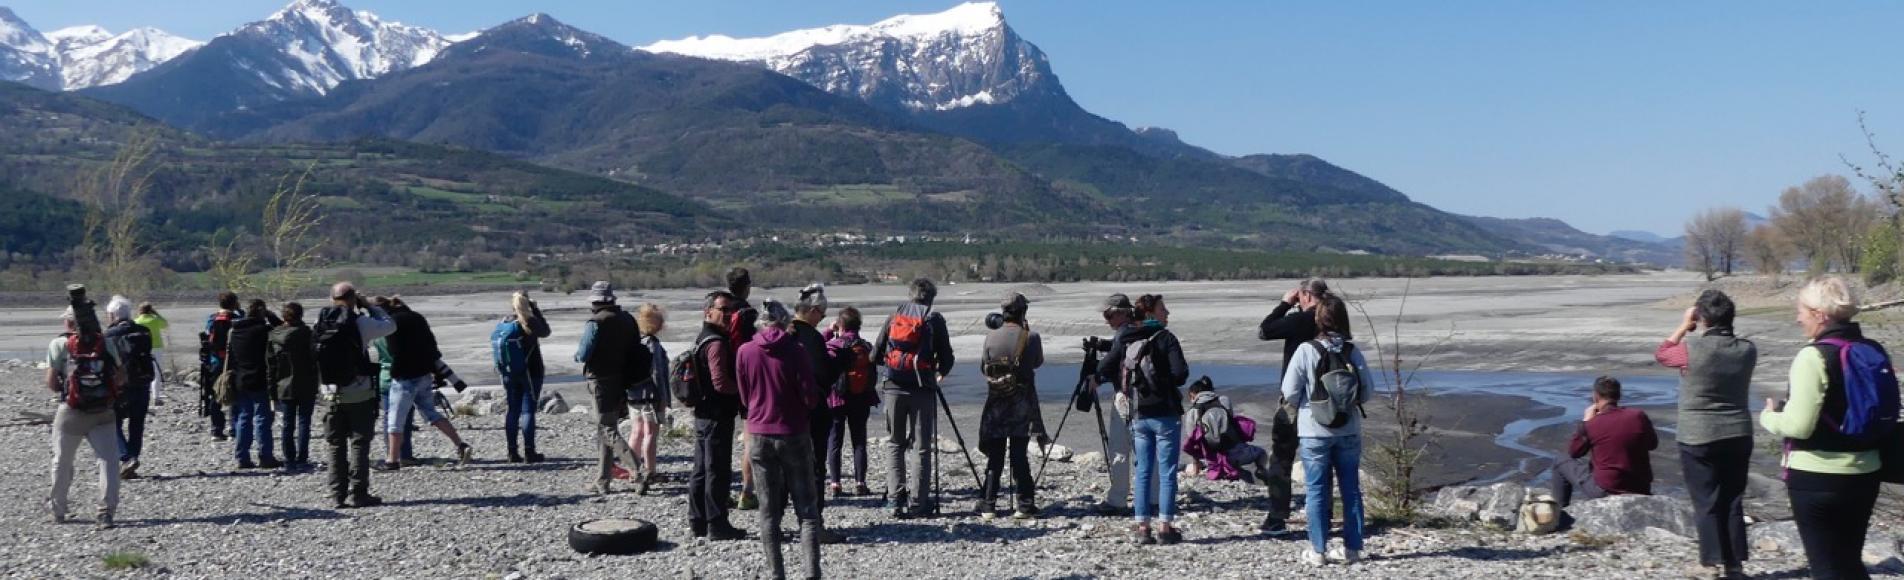 sortie migrateurs - avril 2018 - Parc national des Écrins - © Jean Paul Coulomb